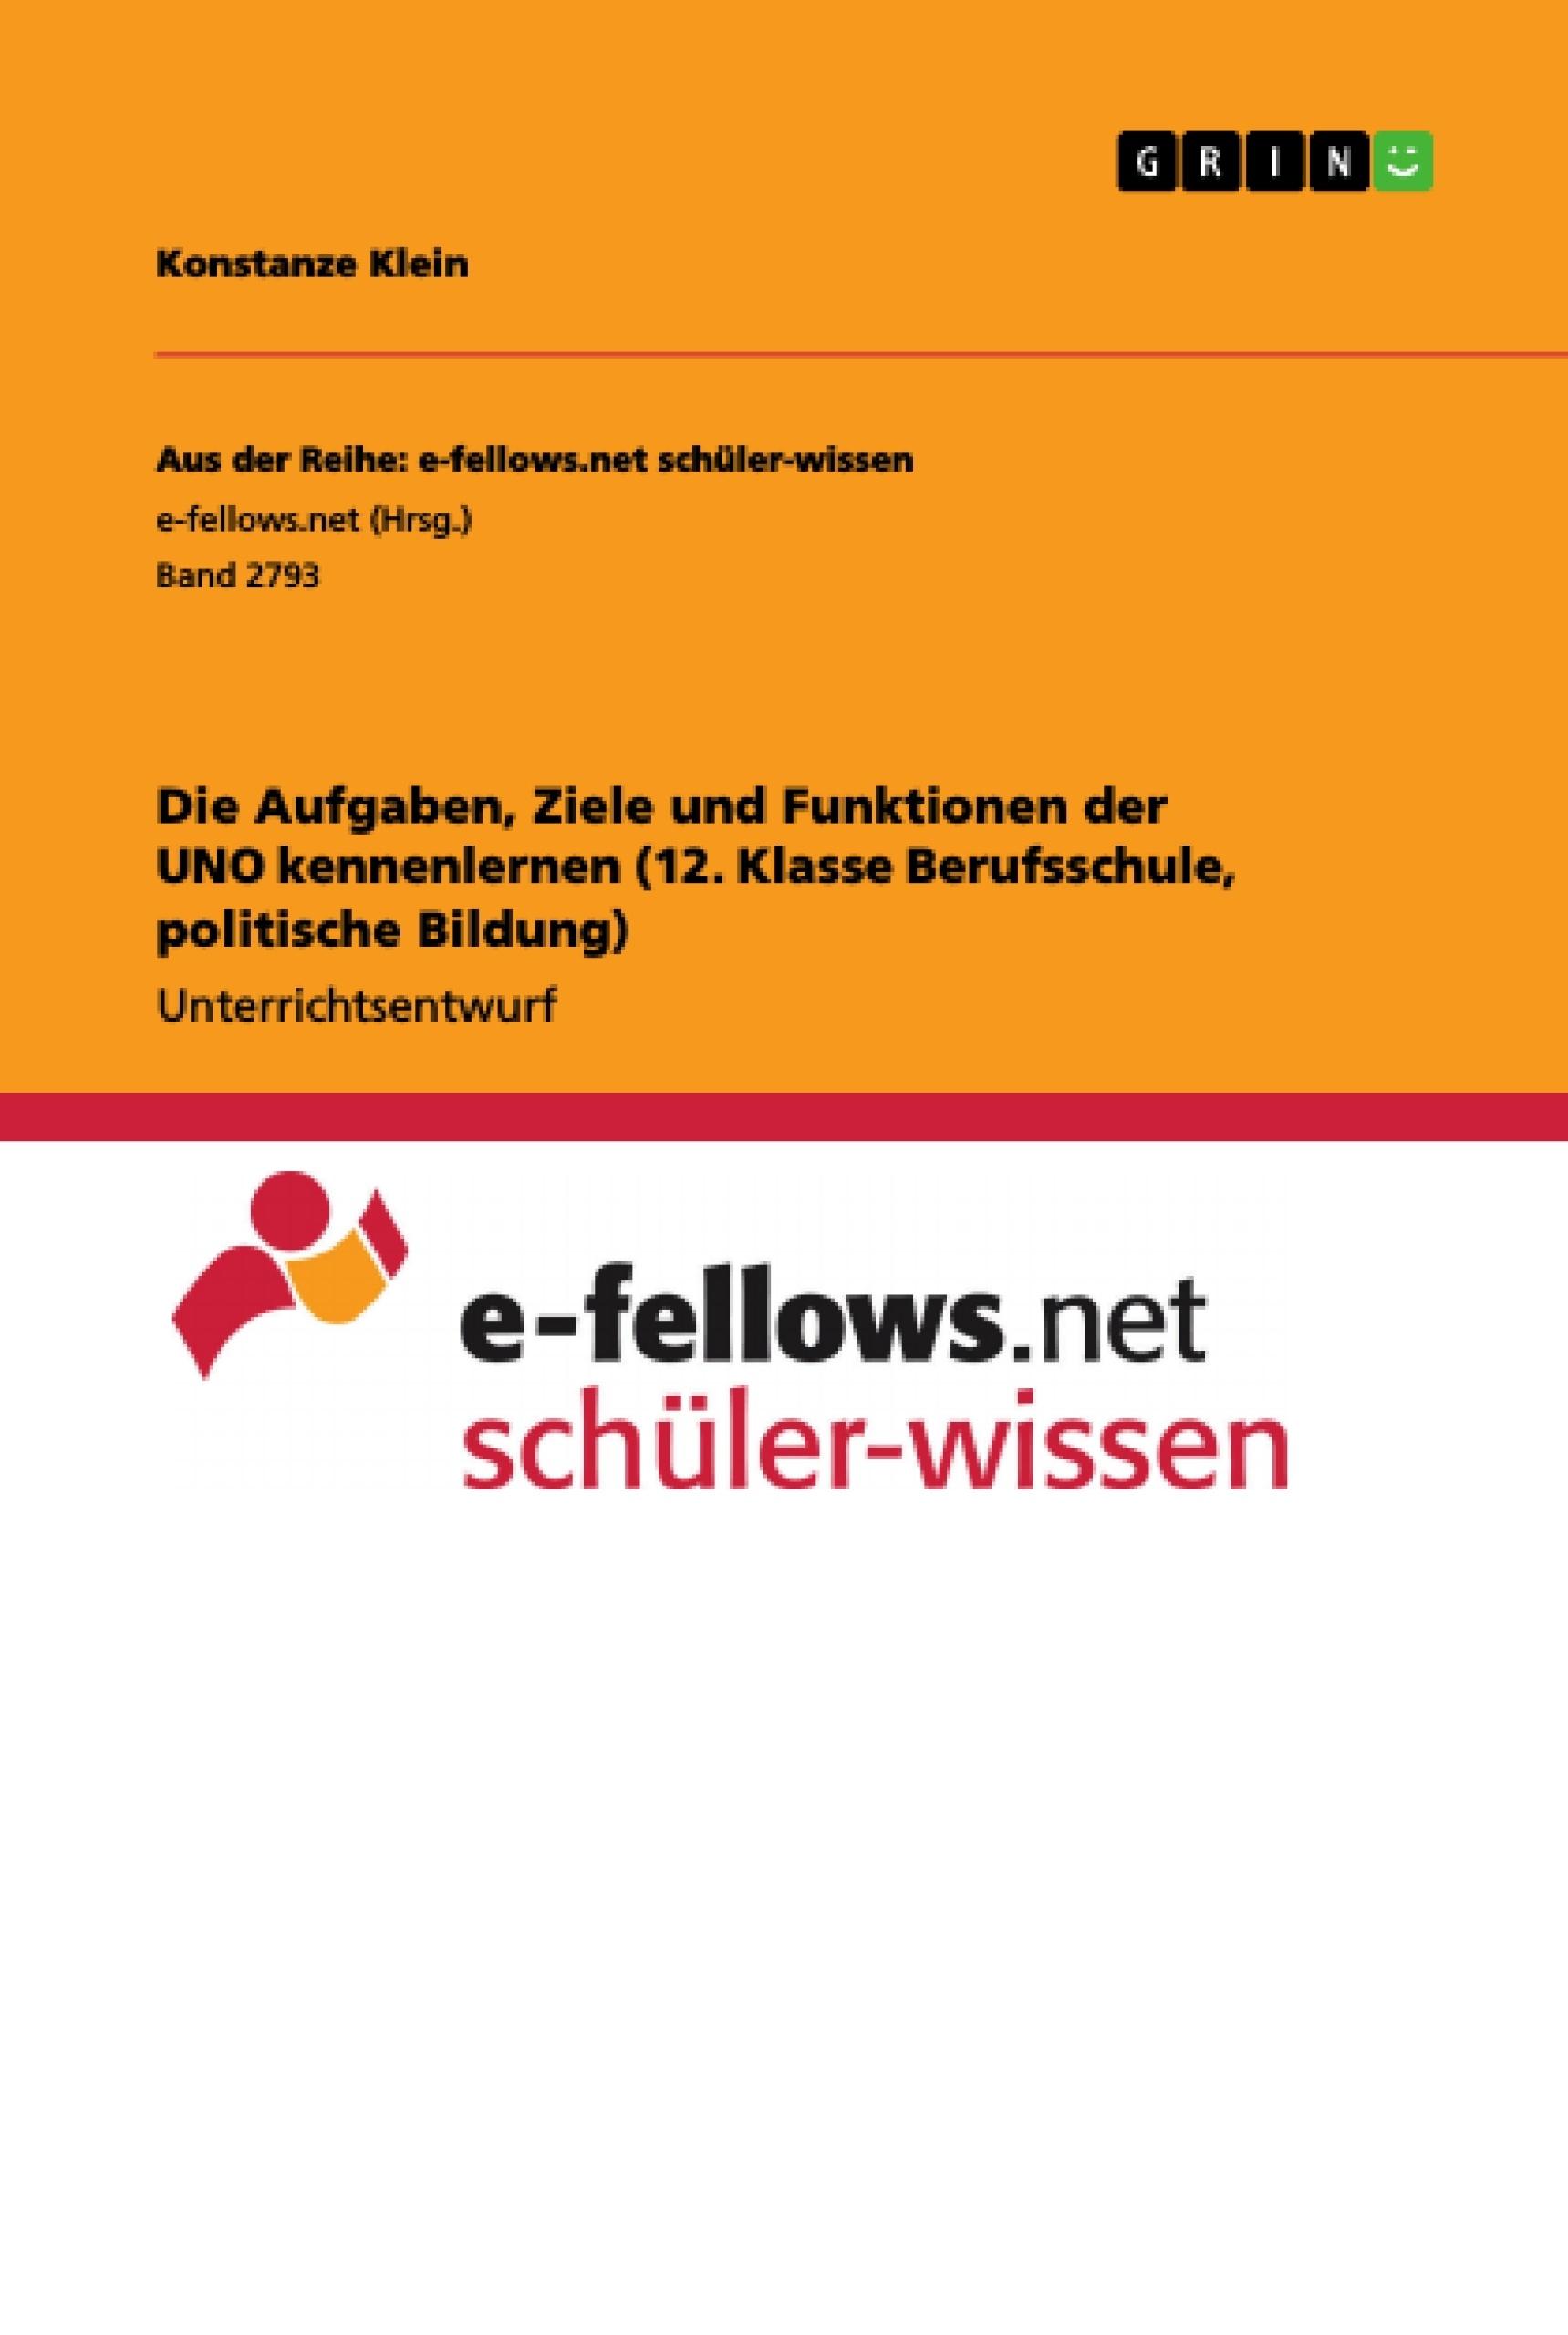 Titel: Die Aufgaben, Ziele und Funktionen der UNO kennenlernen (12. Klasse Berufsschule, politische Bildung)